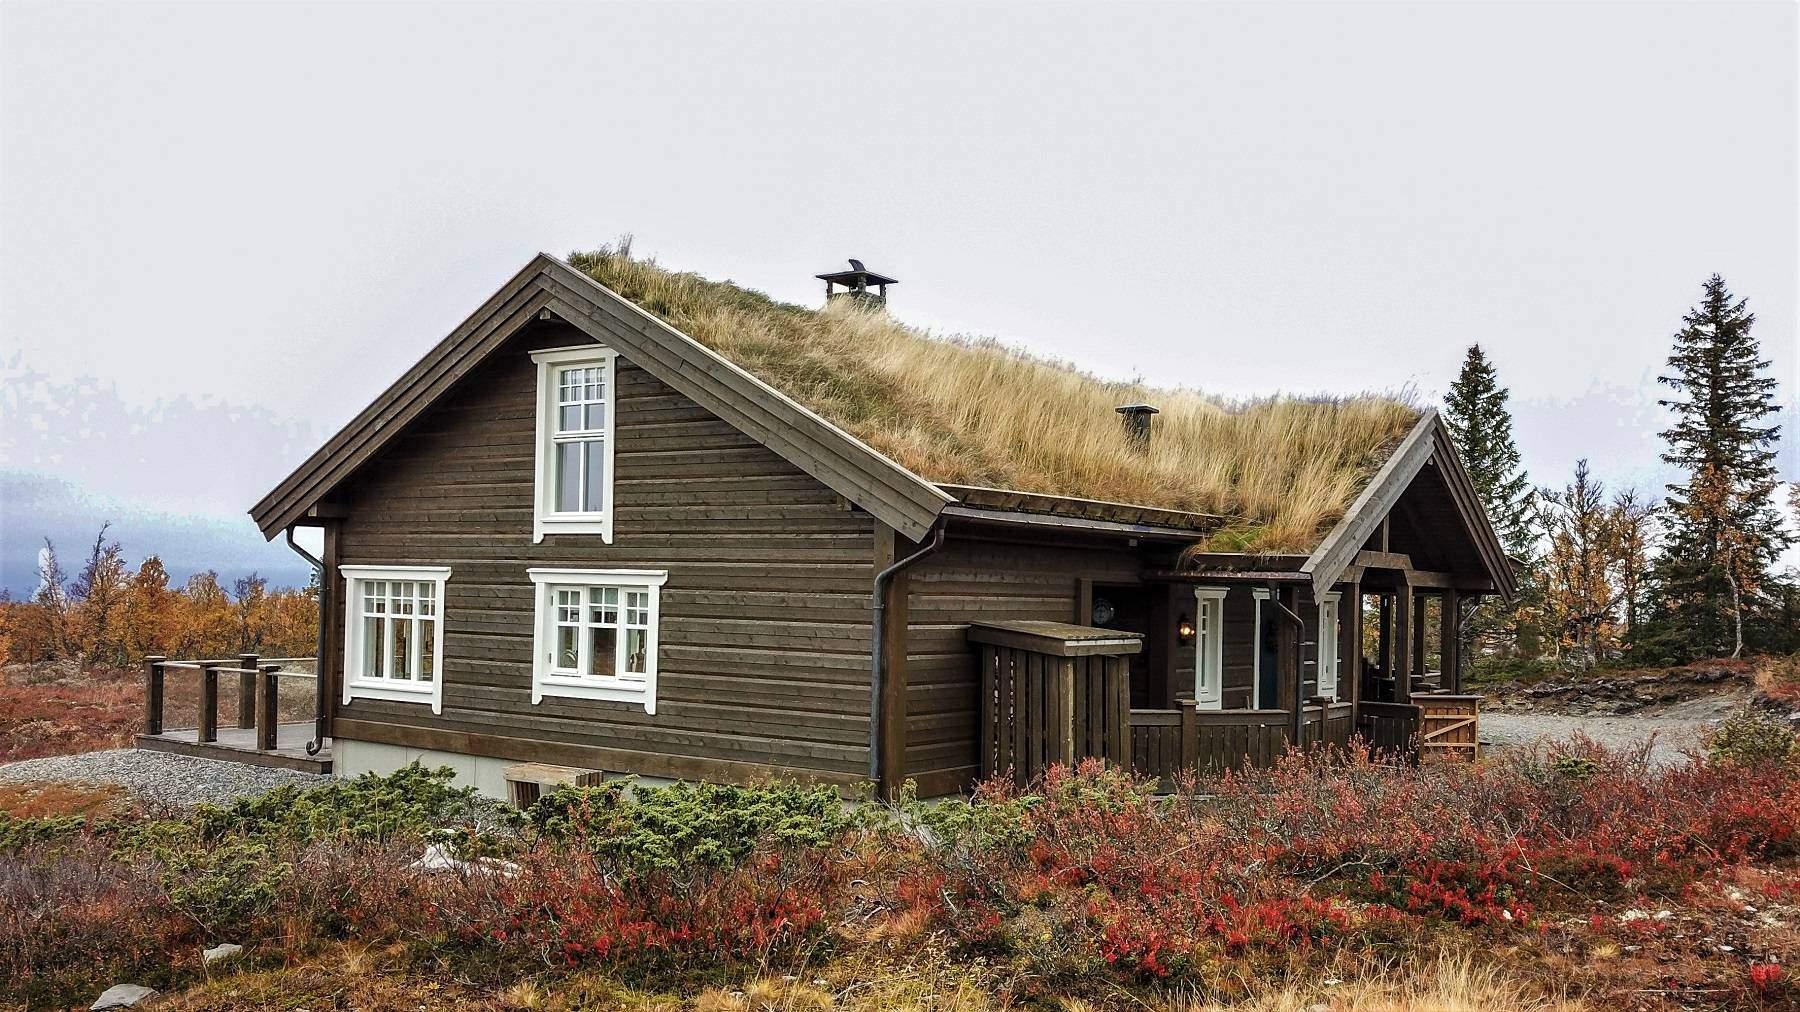 334 Gålå – Hyttebilde – Hytte Hemsedal 120 – Hytteleverandør Tiurtoppen Hytter